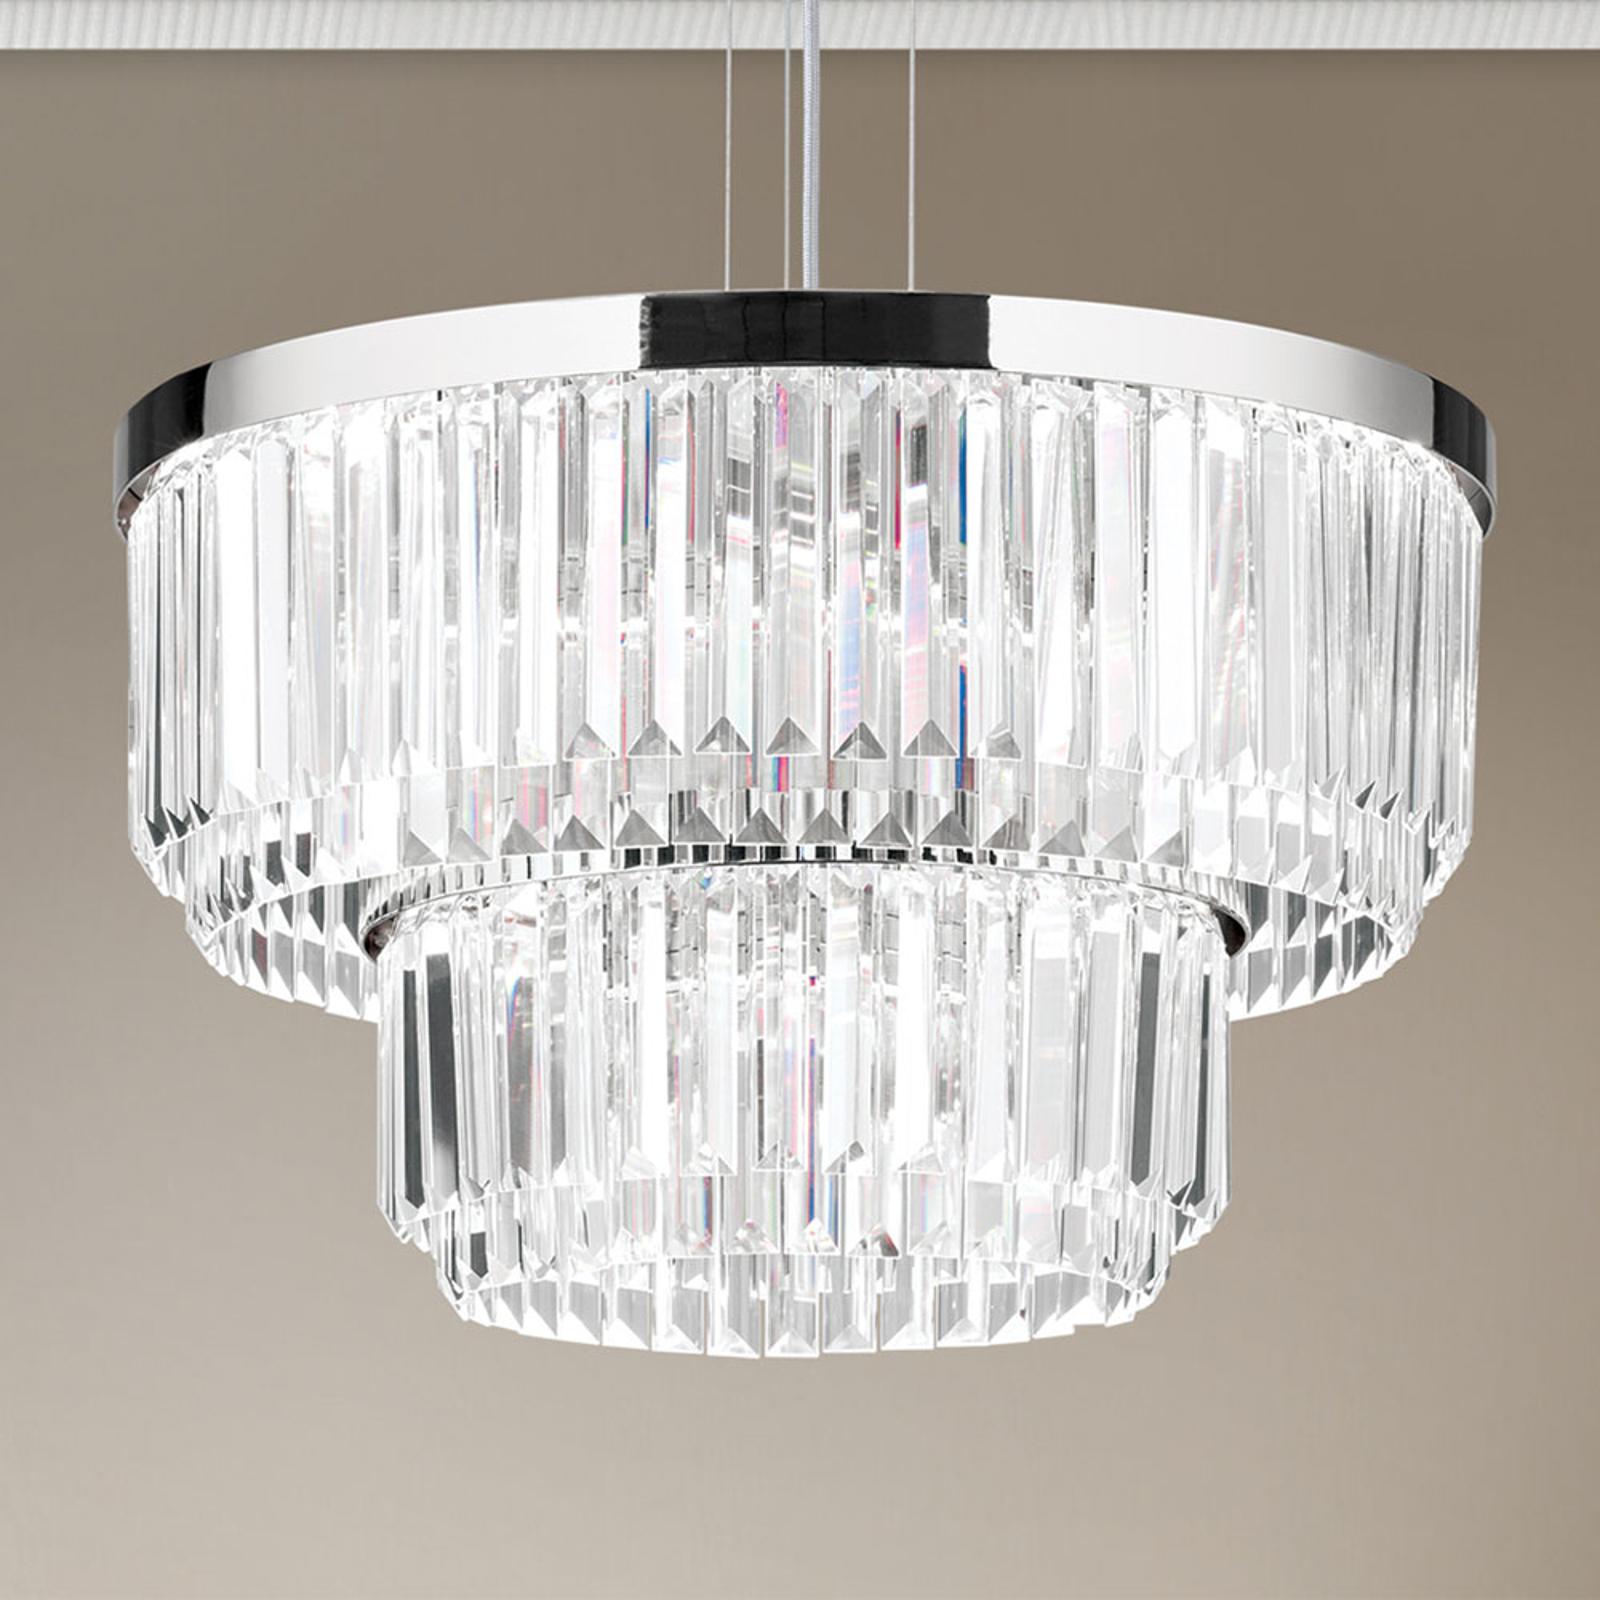 LED-Pendelleuchte Prism, rund, chrom